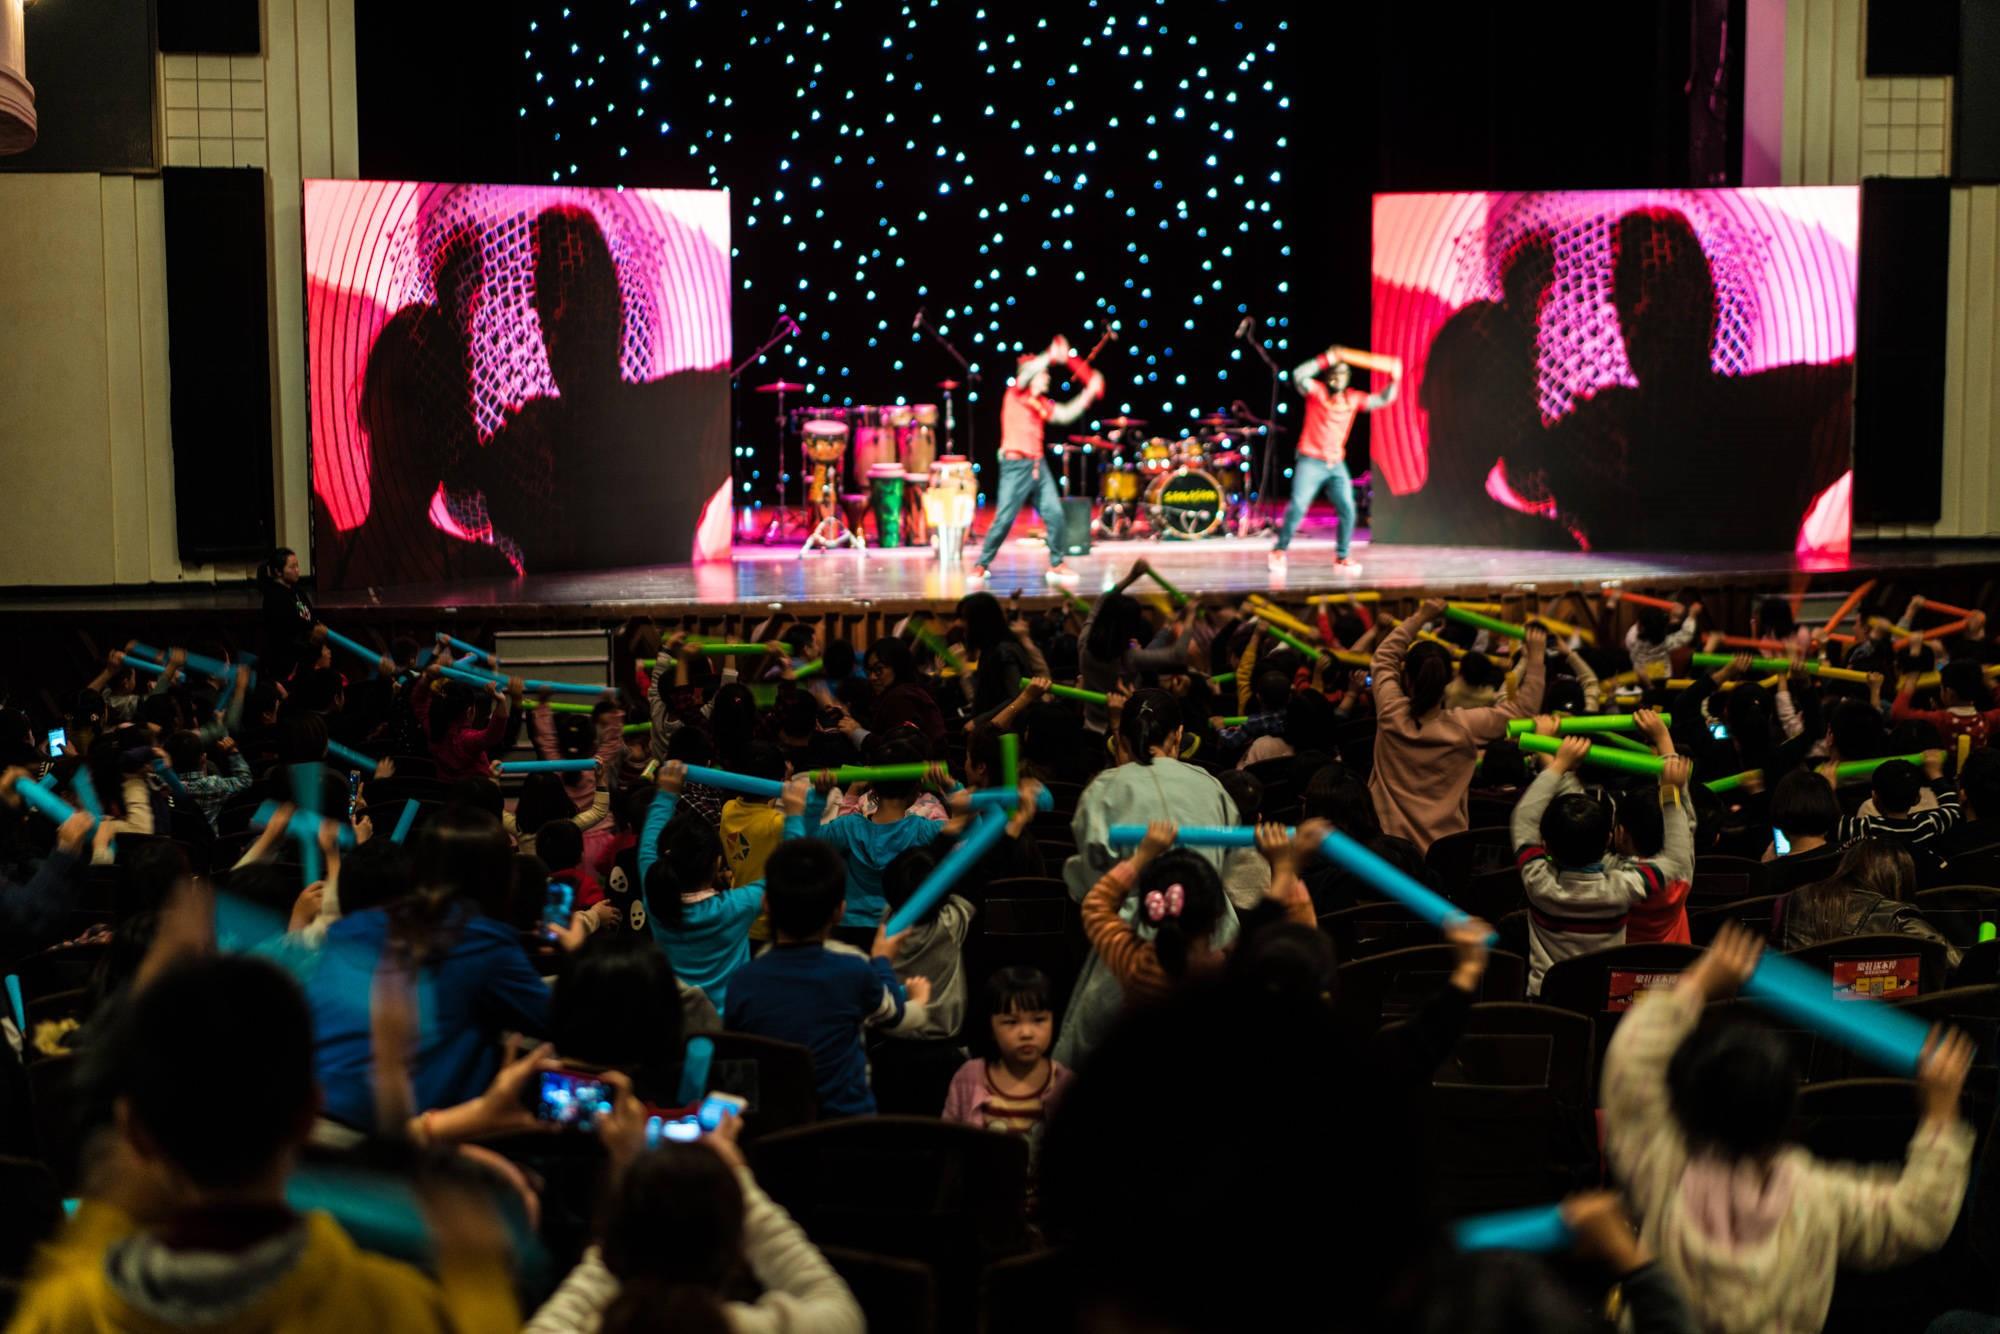 加拿大互动亲子剧《你是演奏家》将在京举办公益专场演出